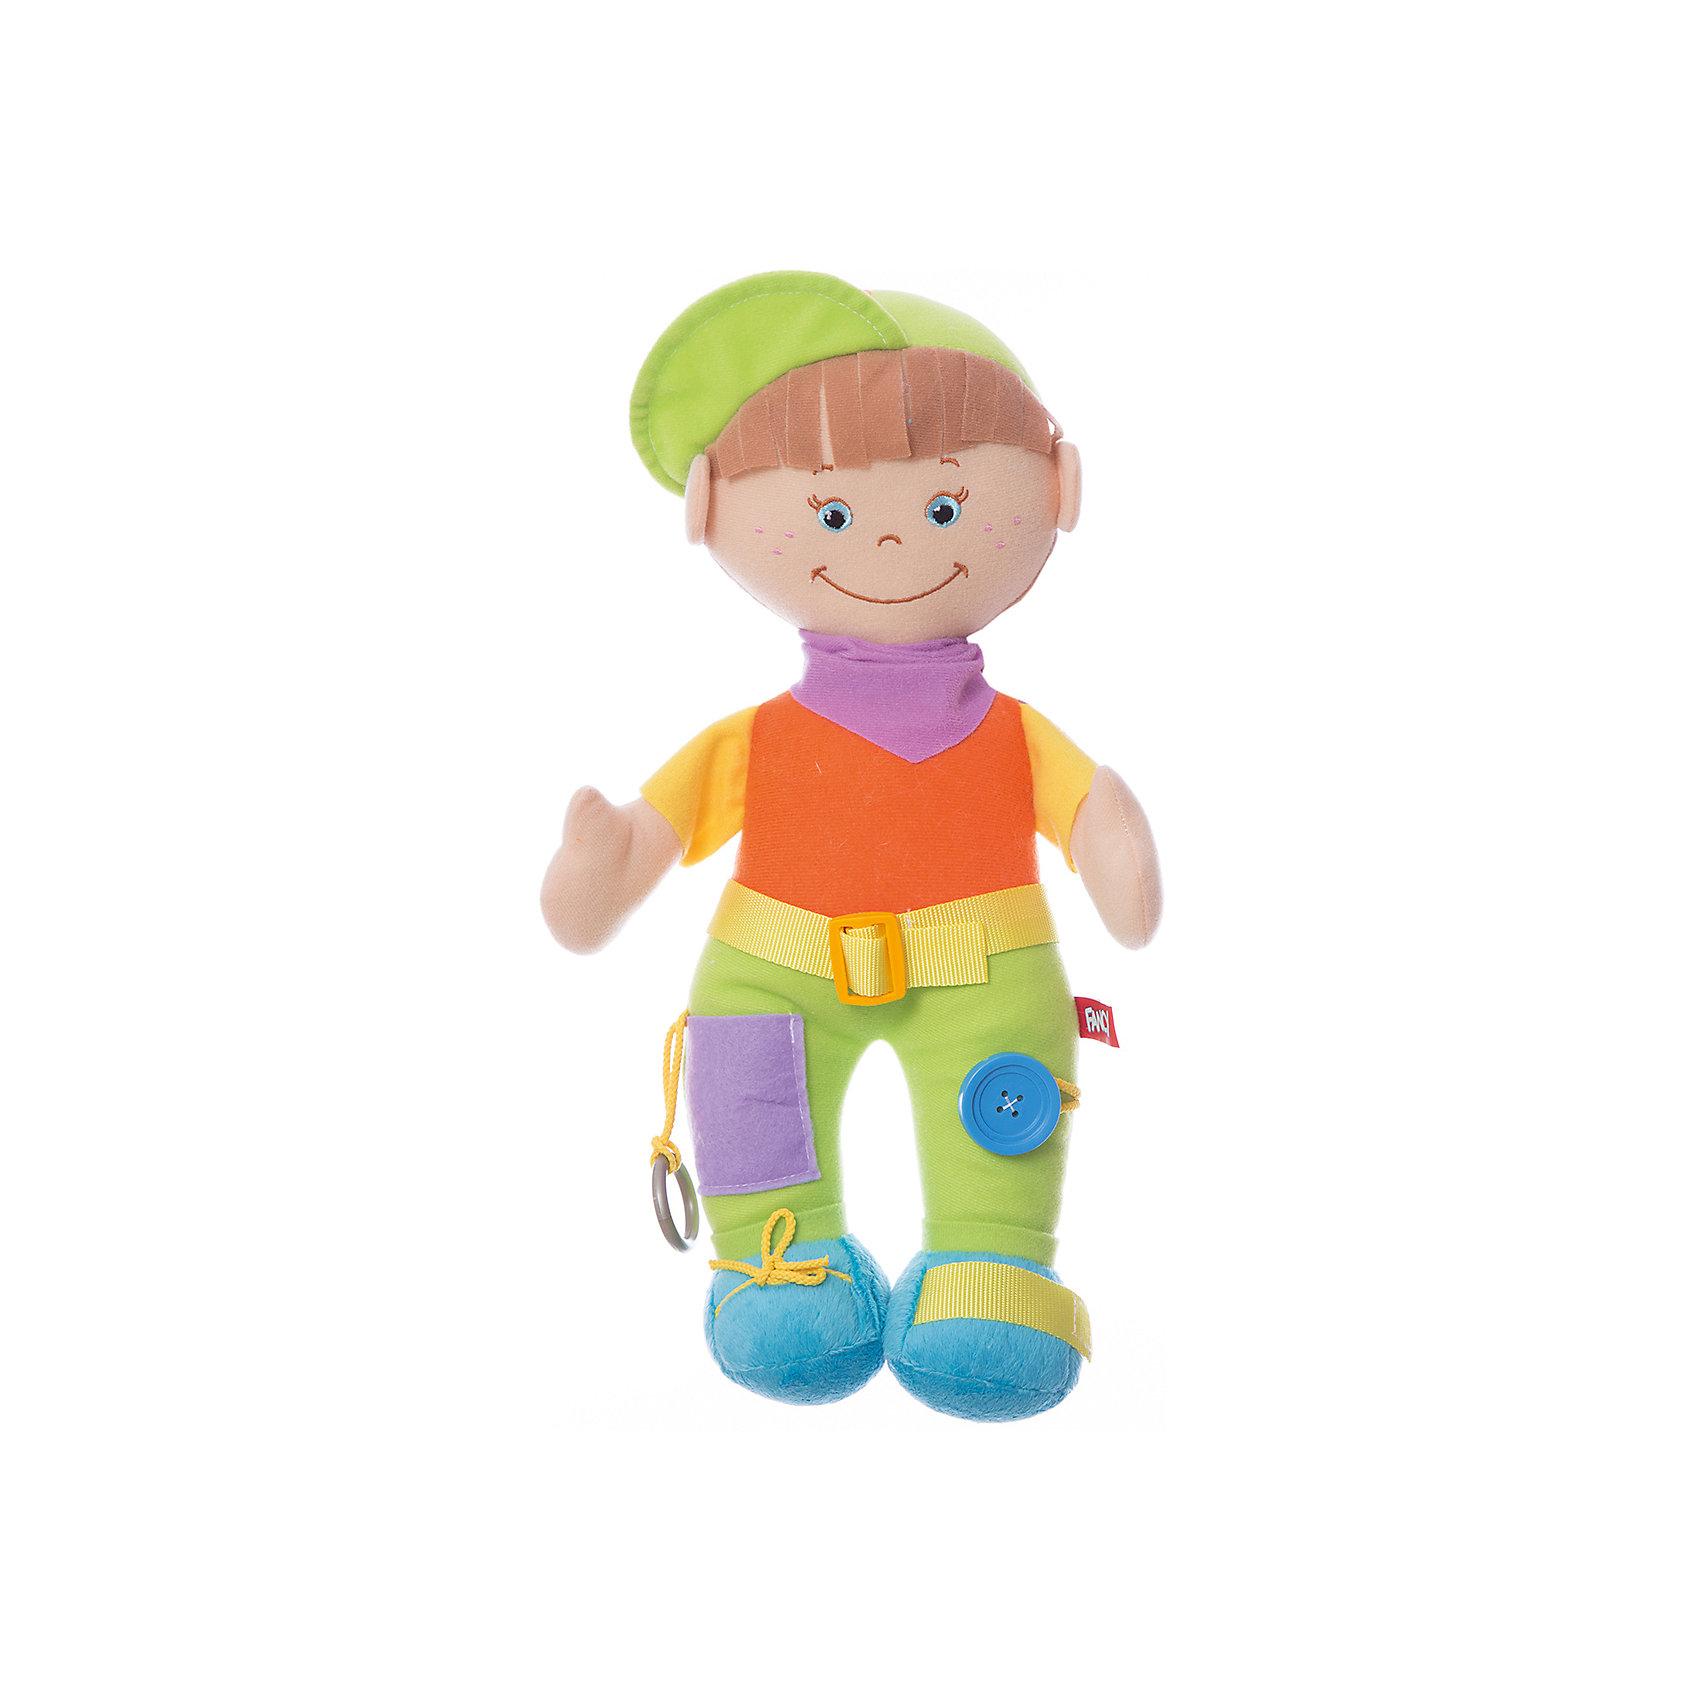 Мягкая игрушка Кнопик, FancyХарактеристики:<br><br>• высота игрушки: 39 см;<br>• тип игрушки: развивающая кукла;<br>• материал: текстиль, синтетический наполнитель. <br><br>Развивающую куклу Кнопик полюбят детки, которые с ее помощью научатся завязывать шнурки, застегивать пуговицы, расстегивать липучки. Комбинирование разнофактурных материалов помогает развить мелкую моторику. В процессе игры ребенок осваивает методику самостоятельности. <br><br>Мягкую игрушку Кнопик, Fancy можно купить в нашем магазине.<br><br>Ширина мм: 100<br>Глубина мм: 150<br>Высота мм: 350<br>Вес г: 190<br>Возраст от месяцев: 36<br>Возраст до месяцев: 2147483647<br>Пол: Унисекс<br>Возраст: Детский<br>SKU: 5269002